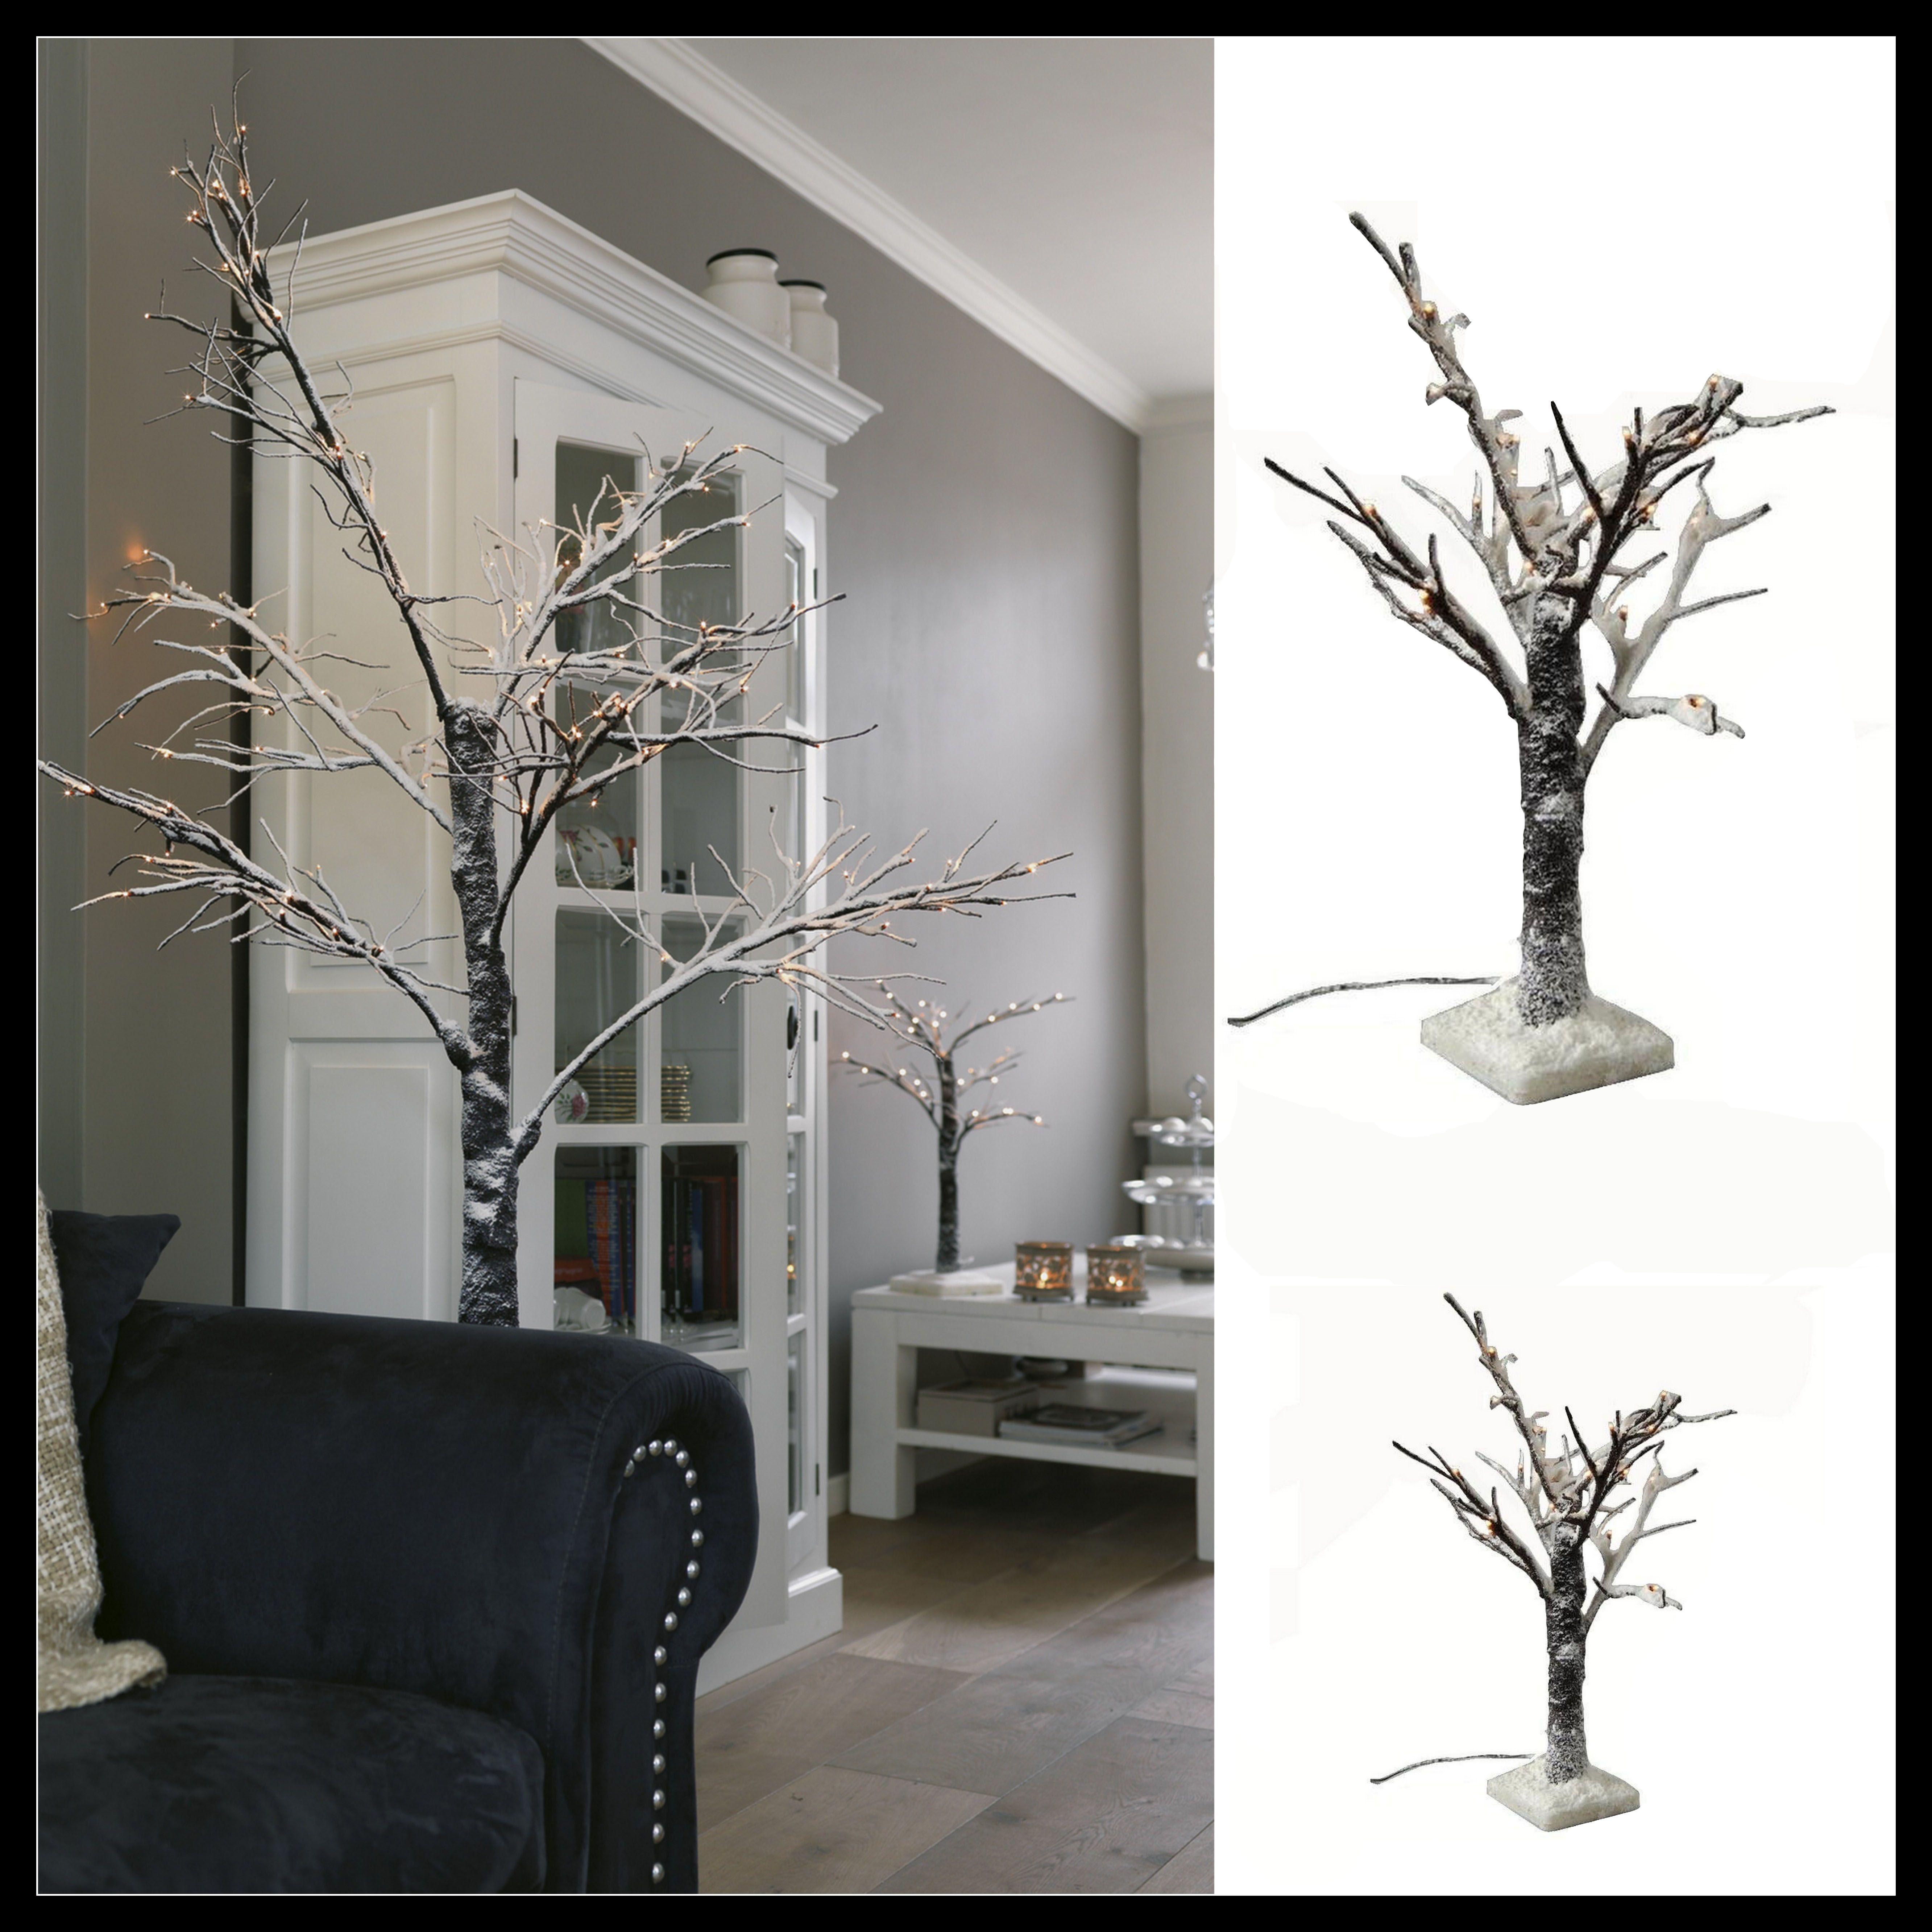 Rbol de navidad original rbol efecto ramas secas sin hojas rbol con luces de navidad rbol - Como decorar un arbol seco ...